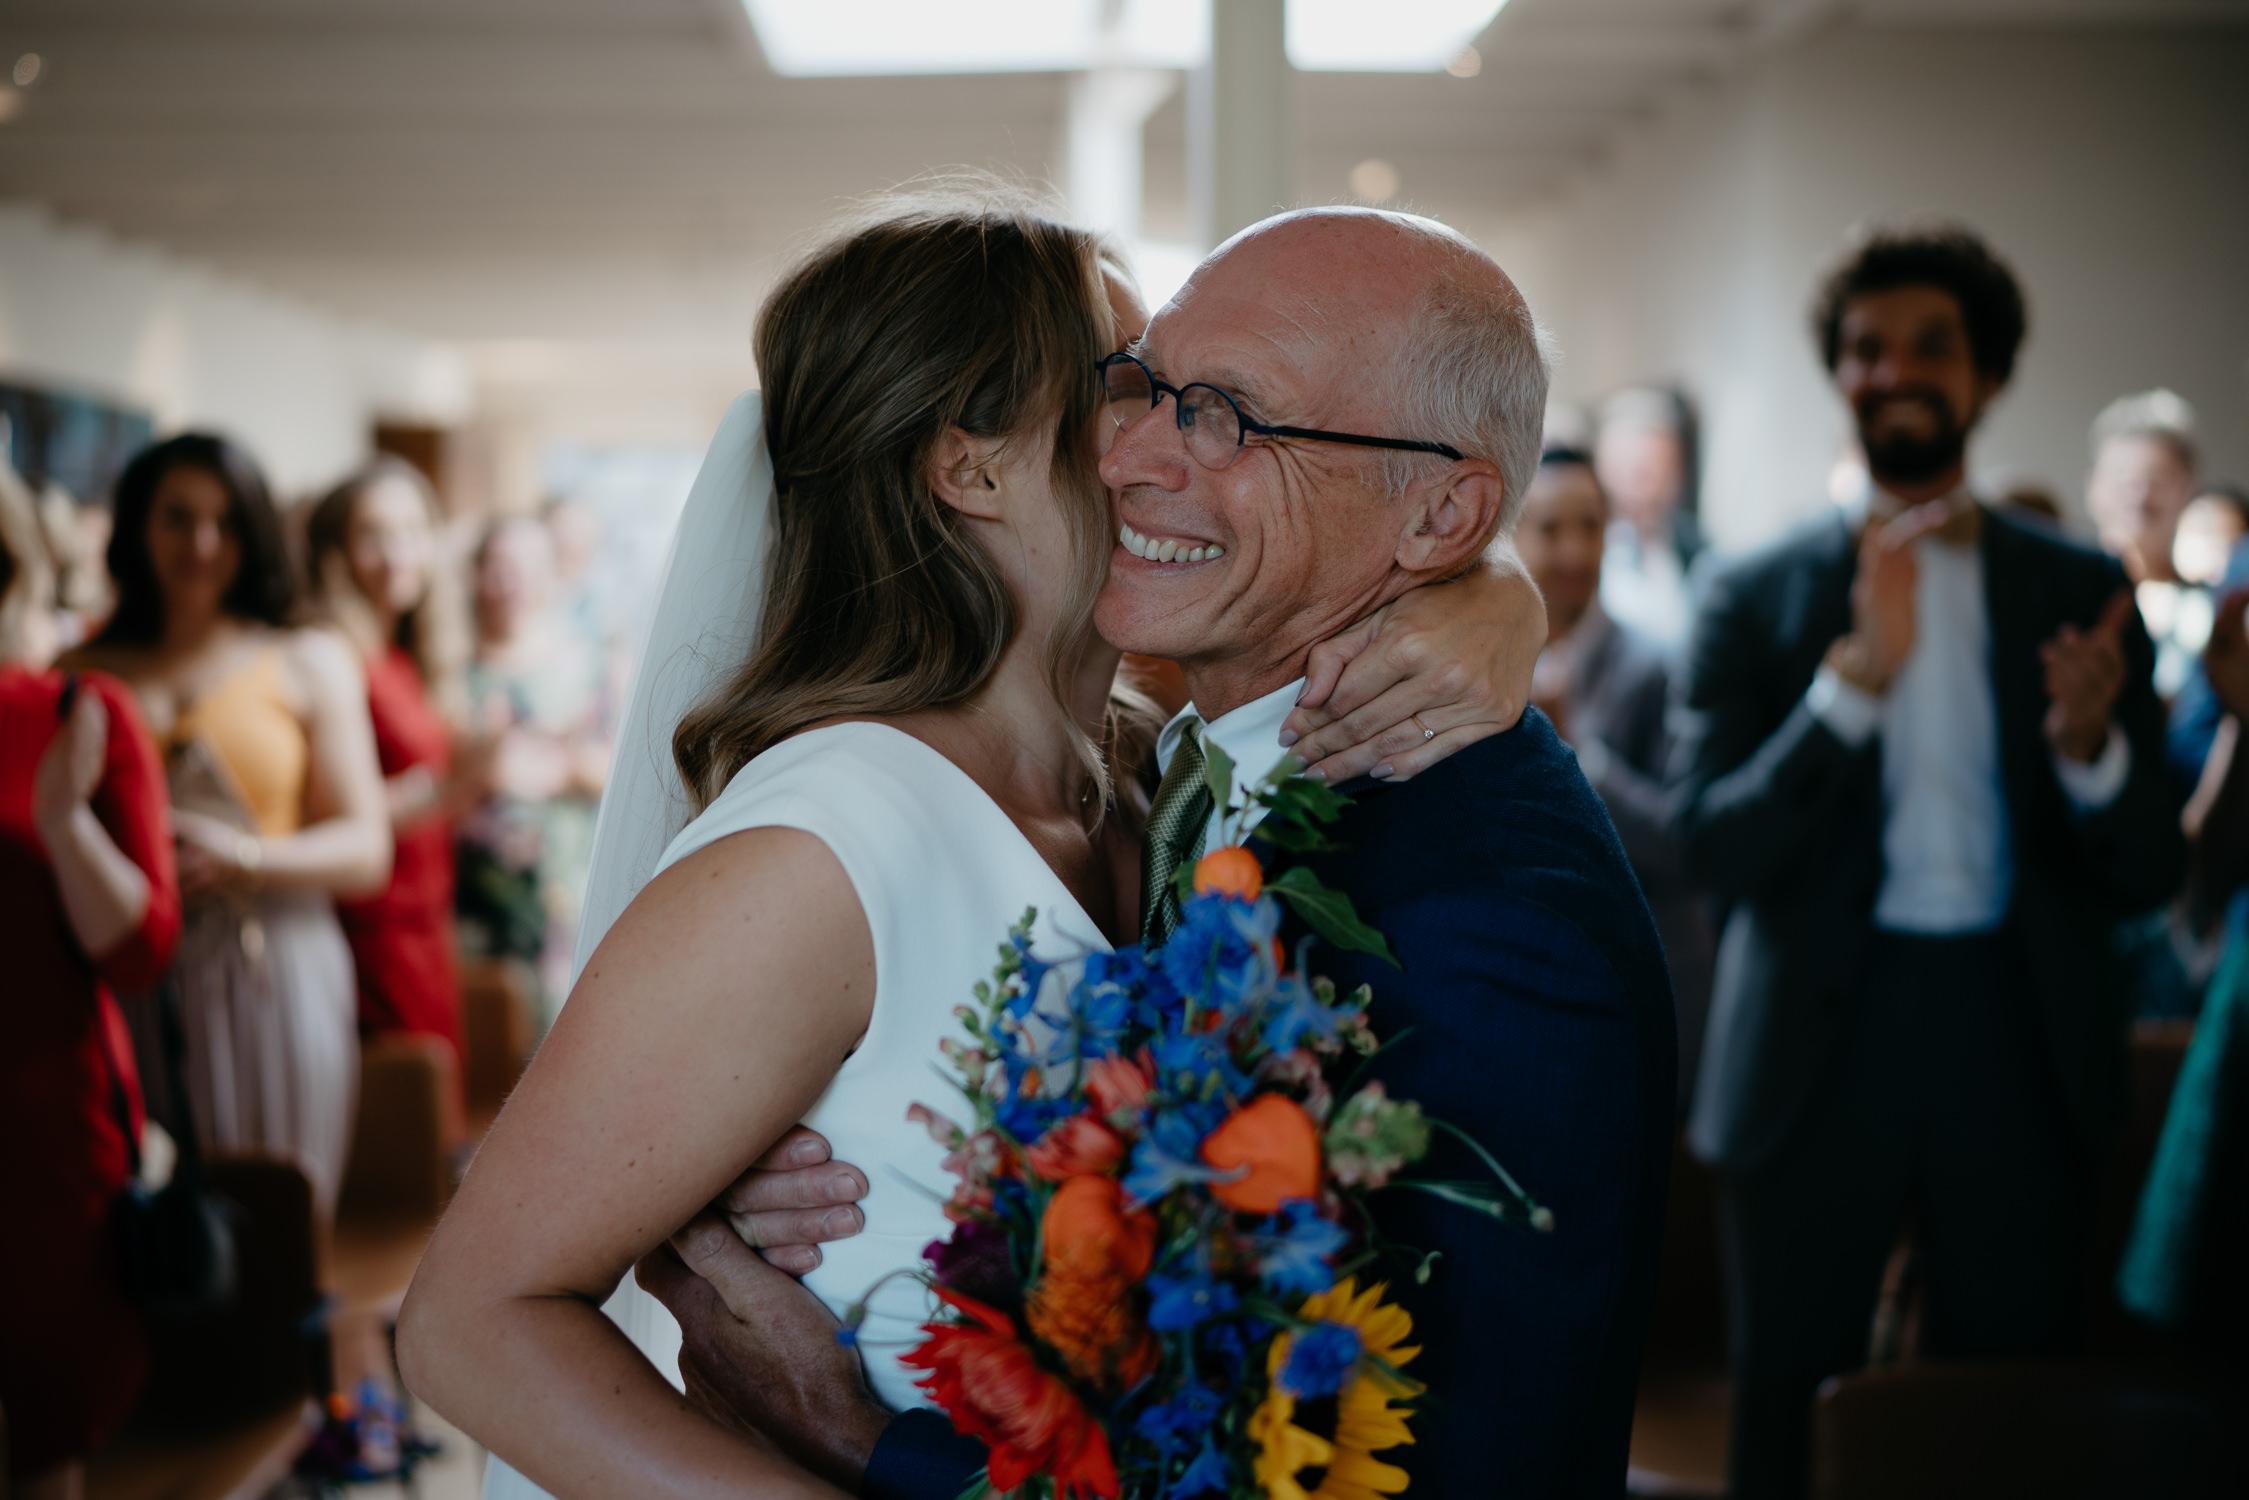 Eeen ontroerend moment gefotografeerd op een bruiloft in amsterdam